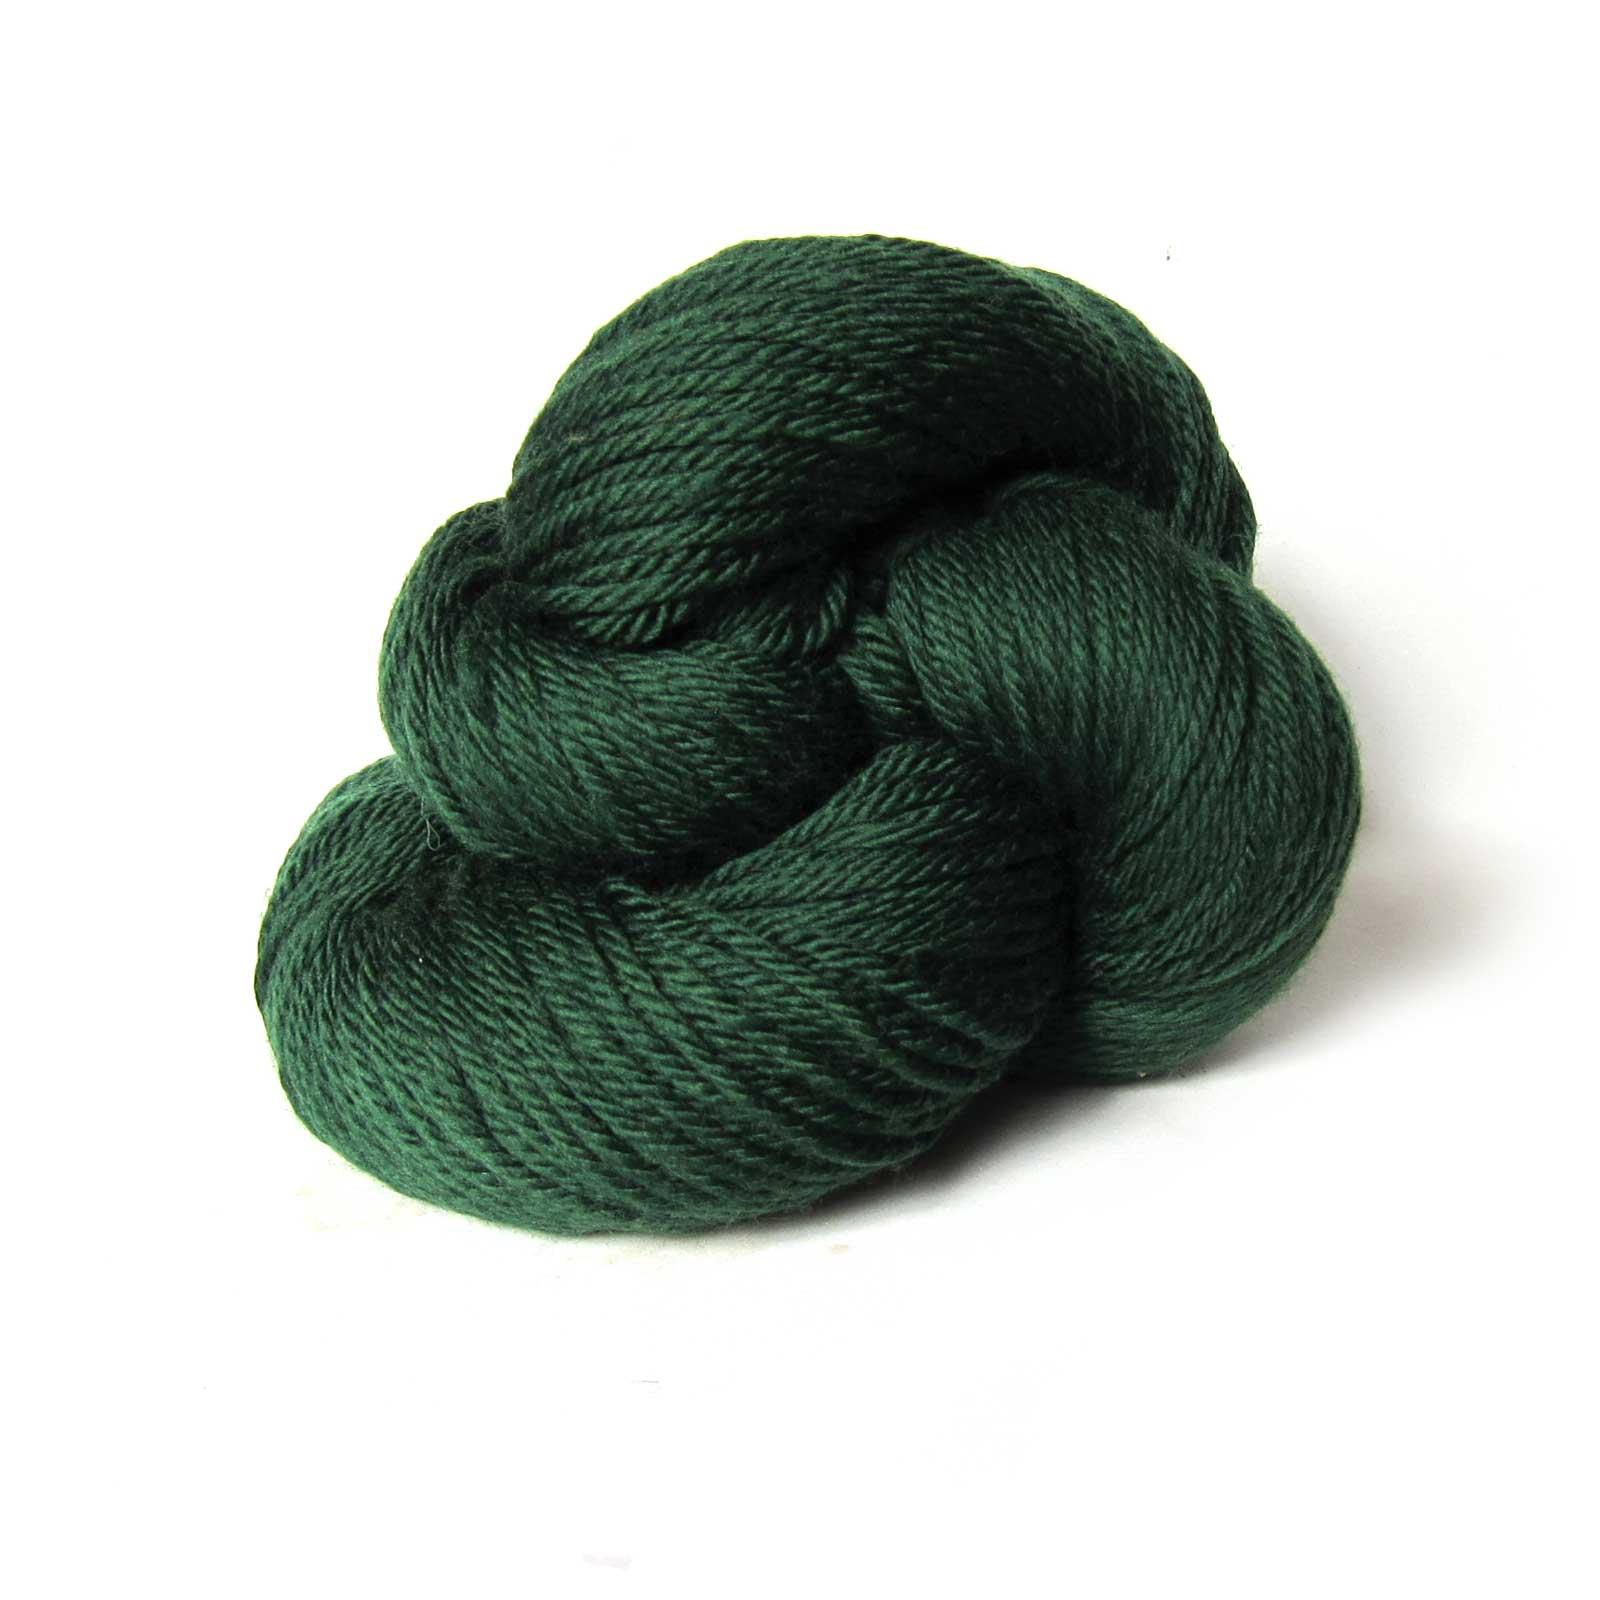 Forest Green Louet Gems 100% Merino Superwash Yarn